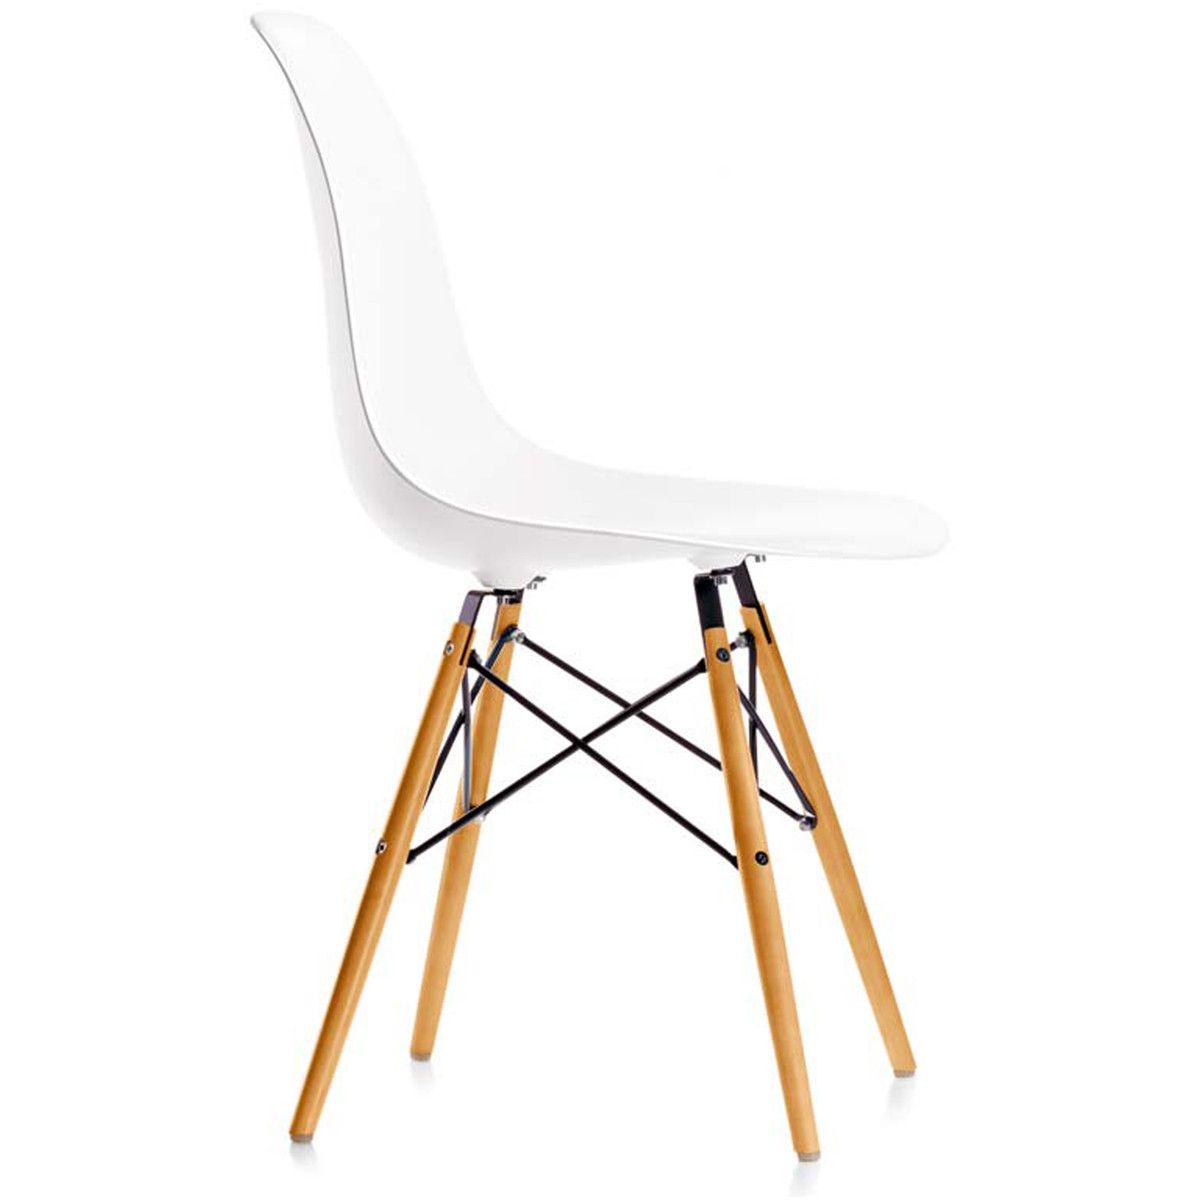 Vitra Aktionsset Eames Plastic Side Chair Dsw 4 Er Set Ahorn Gelblich Weiss Filzgleiter Weiss Plastikstuhle Eames Und Kuchenstuhle